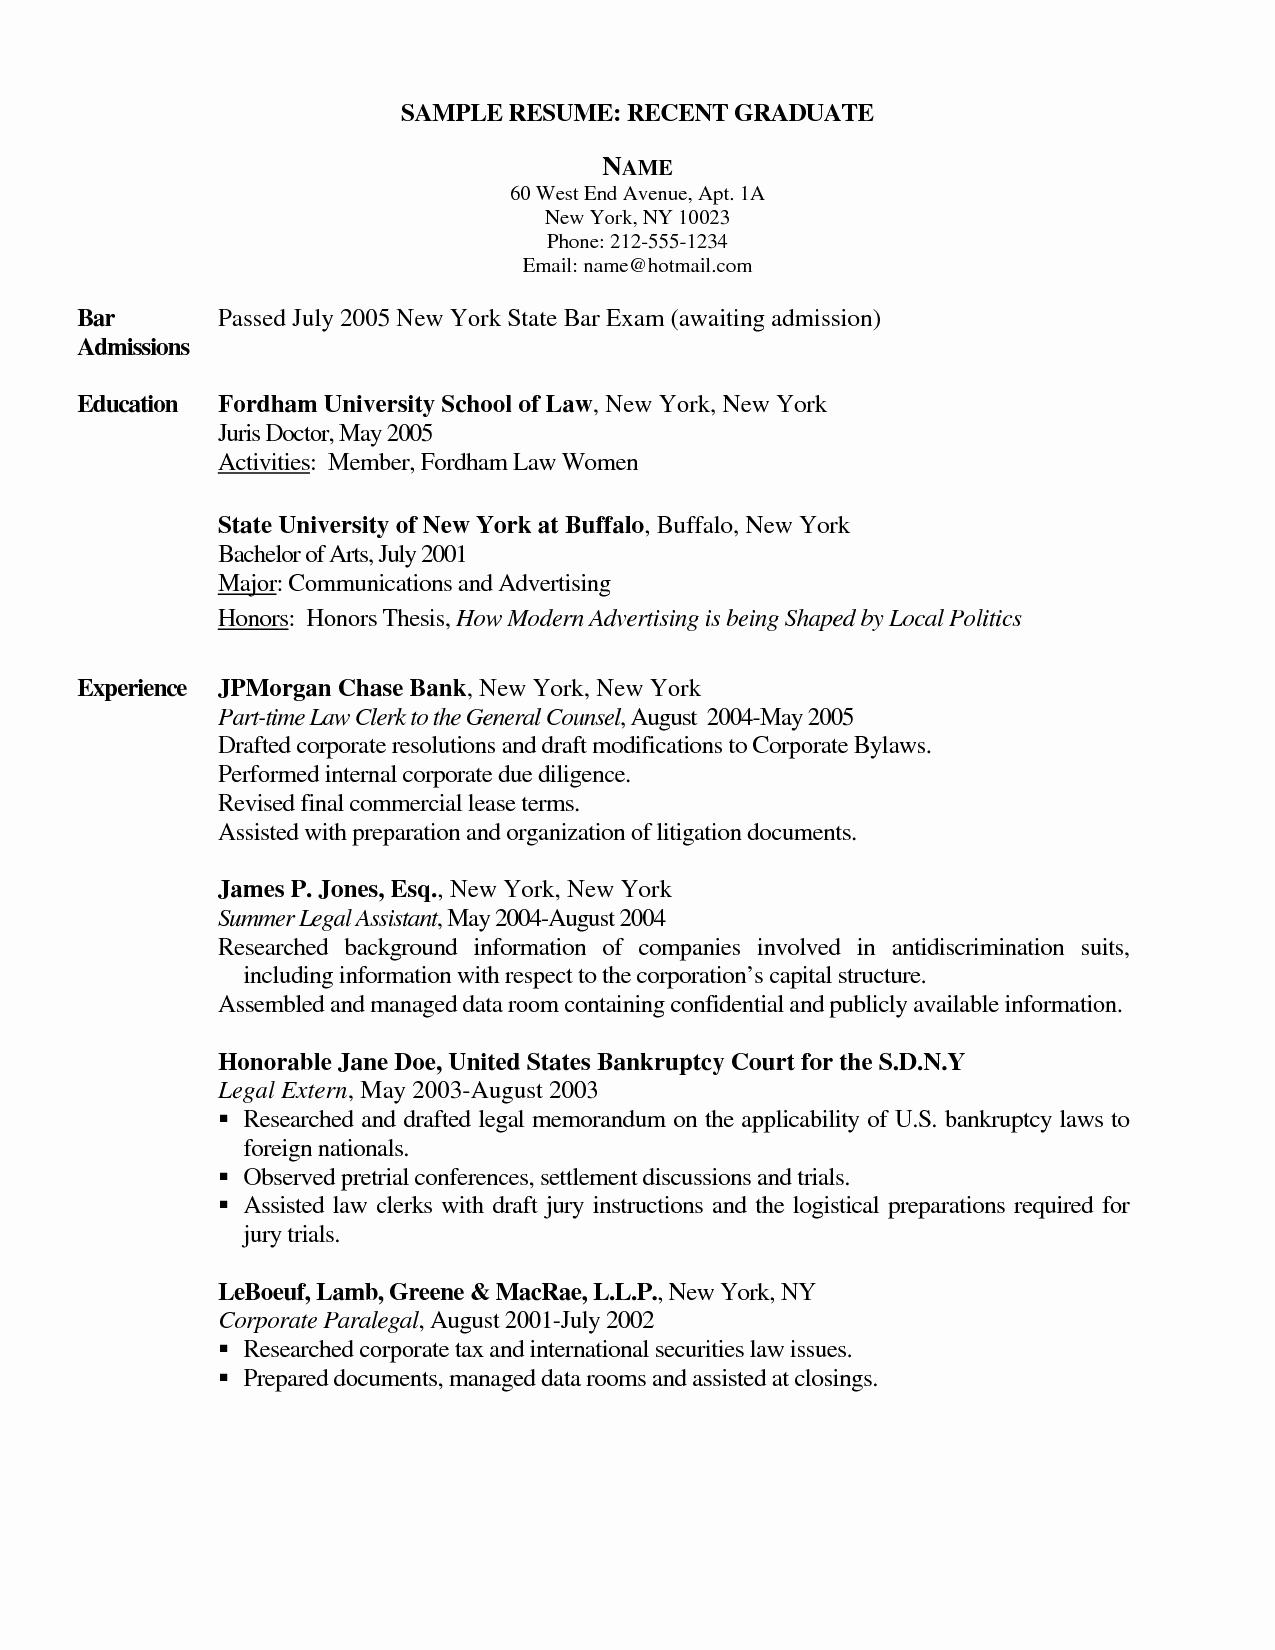 Graduate Nurse Resume Template Inspirational New Graduate Nurse Resume Sidemcicek